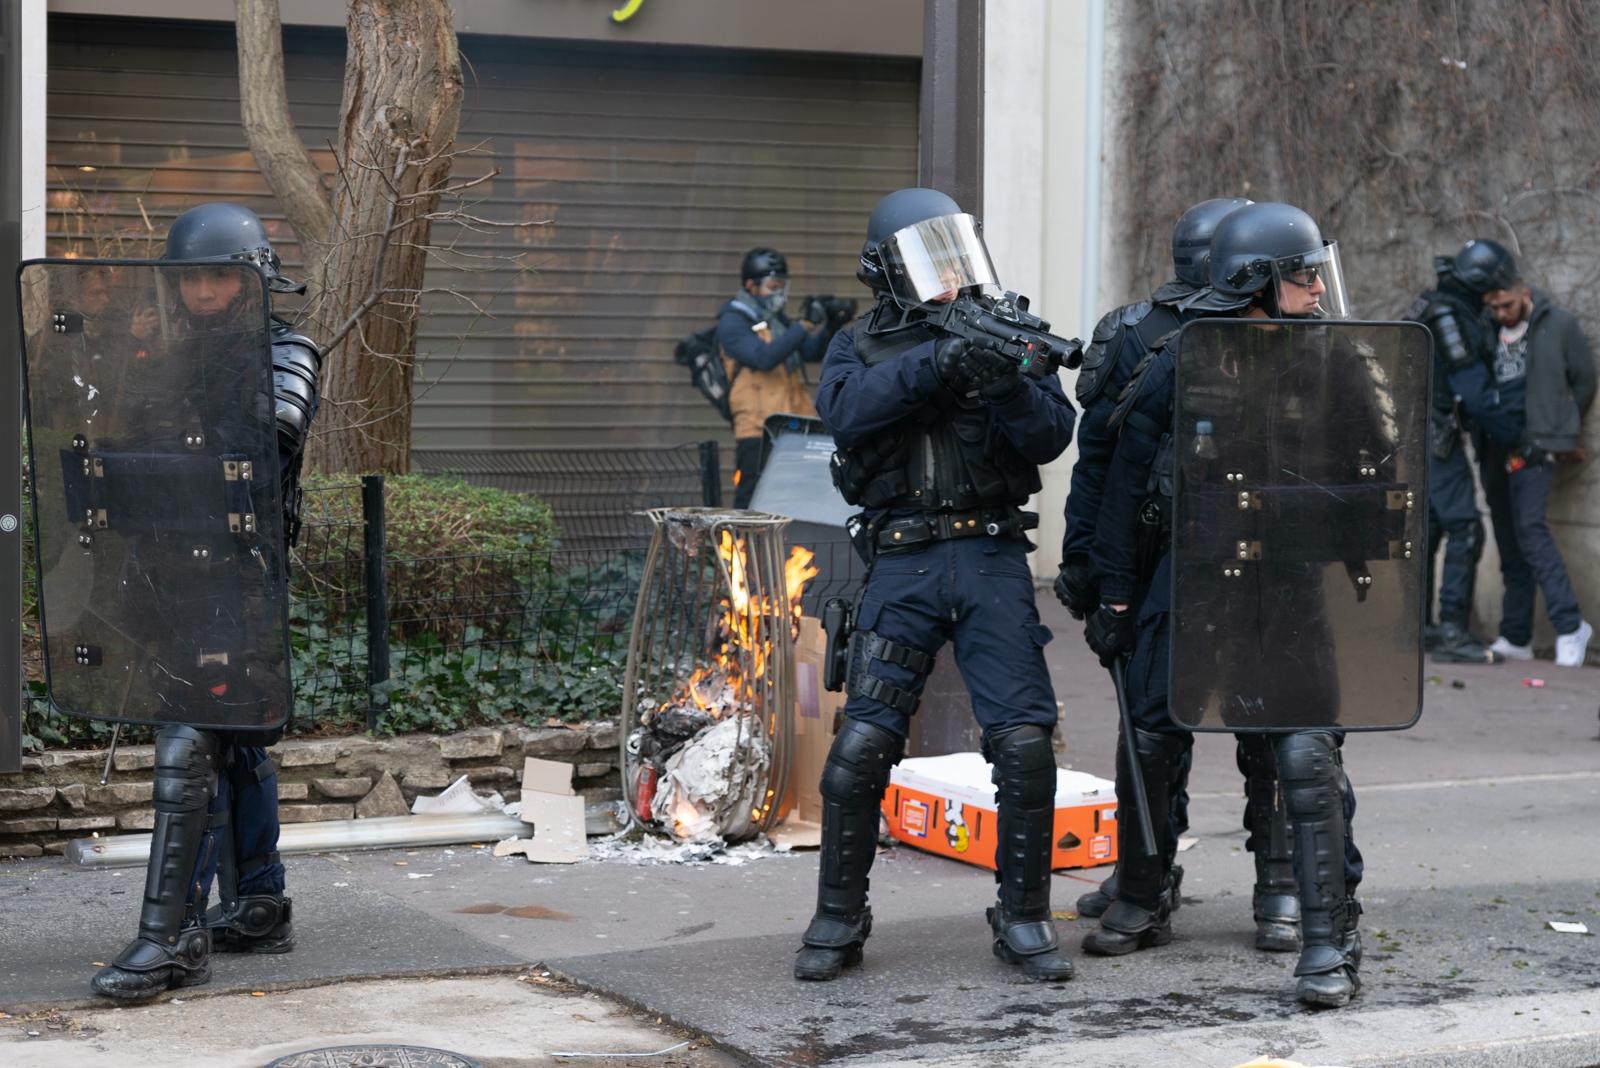 Une arrestation sous l'oeil d'un photographe. Mi-février 2019 le ministère de l'intérieur indiquait avoir procédé à l'interpellation de 8 400 personnes dont 7500 placées en garde à vue et 1 800 condamnations. Paris - Acte XIII - Près de la rue de Rennes le 9 février 2019